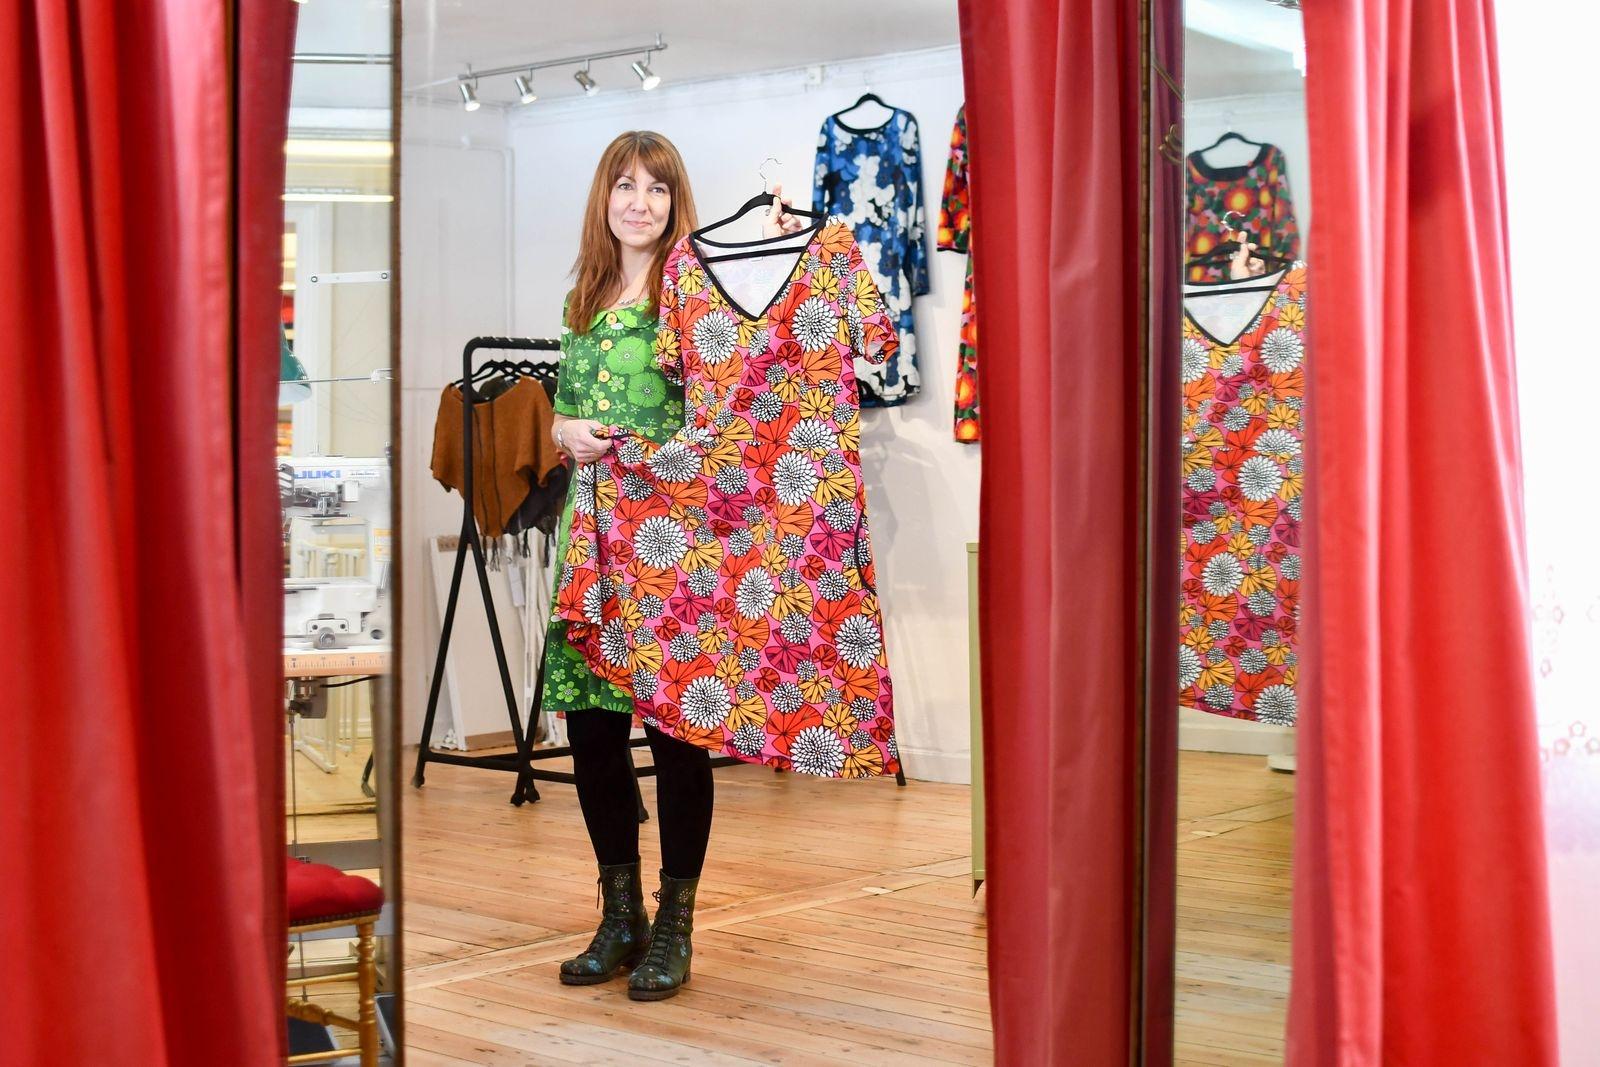 – Jag får ofta höra av mina kunder att de får komplimanger för plaggen, säger Jenny Sjöö. Det krävs lite mod att klä sig färgglatt men de positiva reaktionerna brukar inte låta vänta på sig.